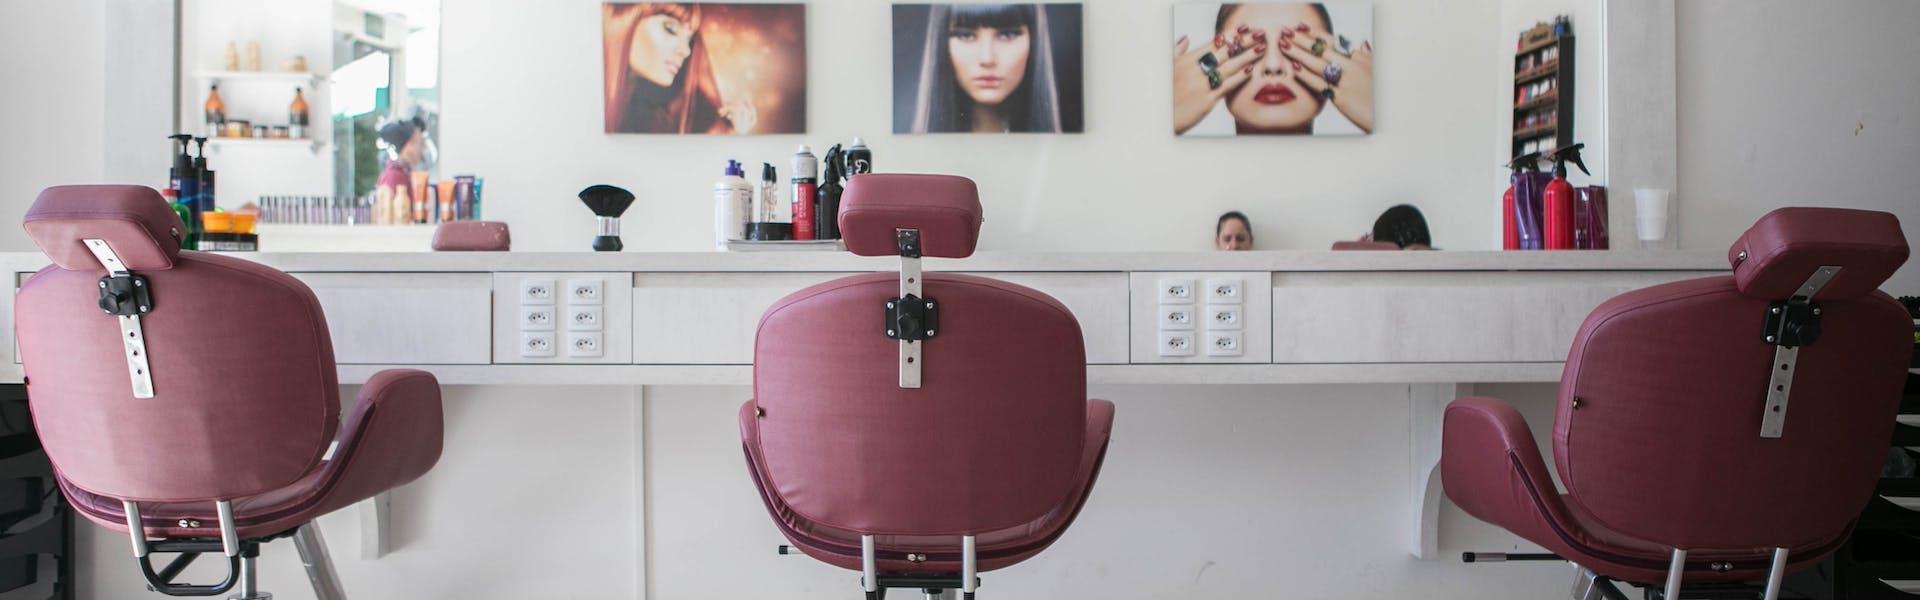 Så öppnar du din egen frisörsalong!